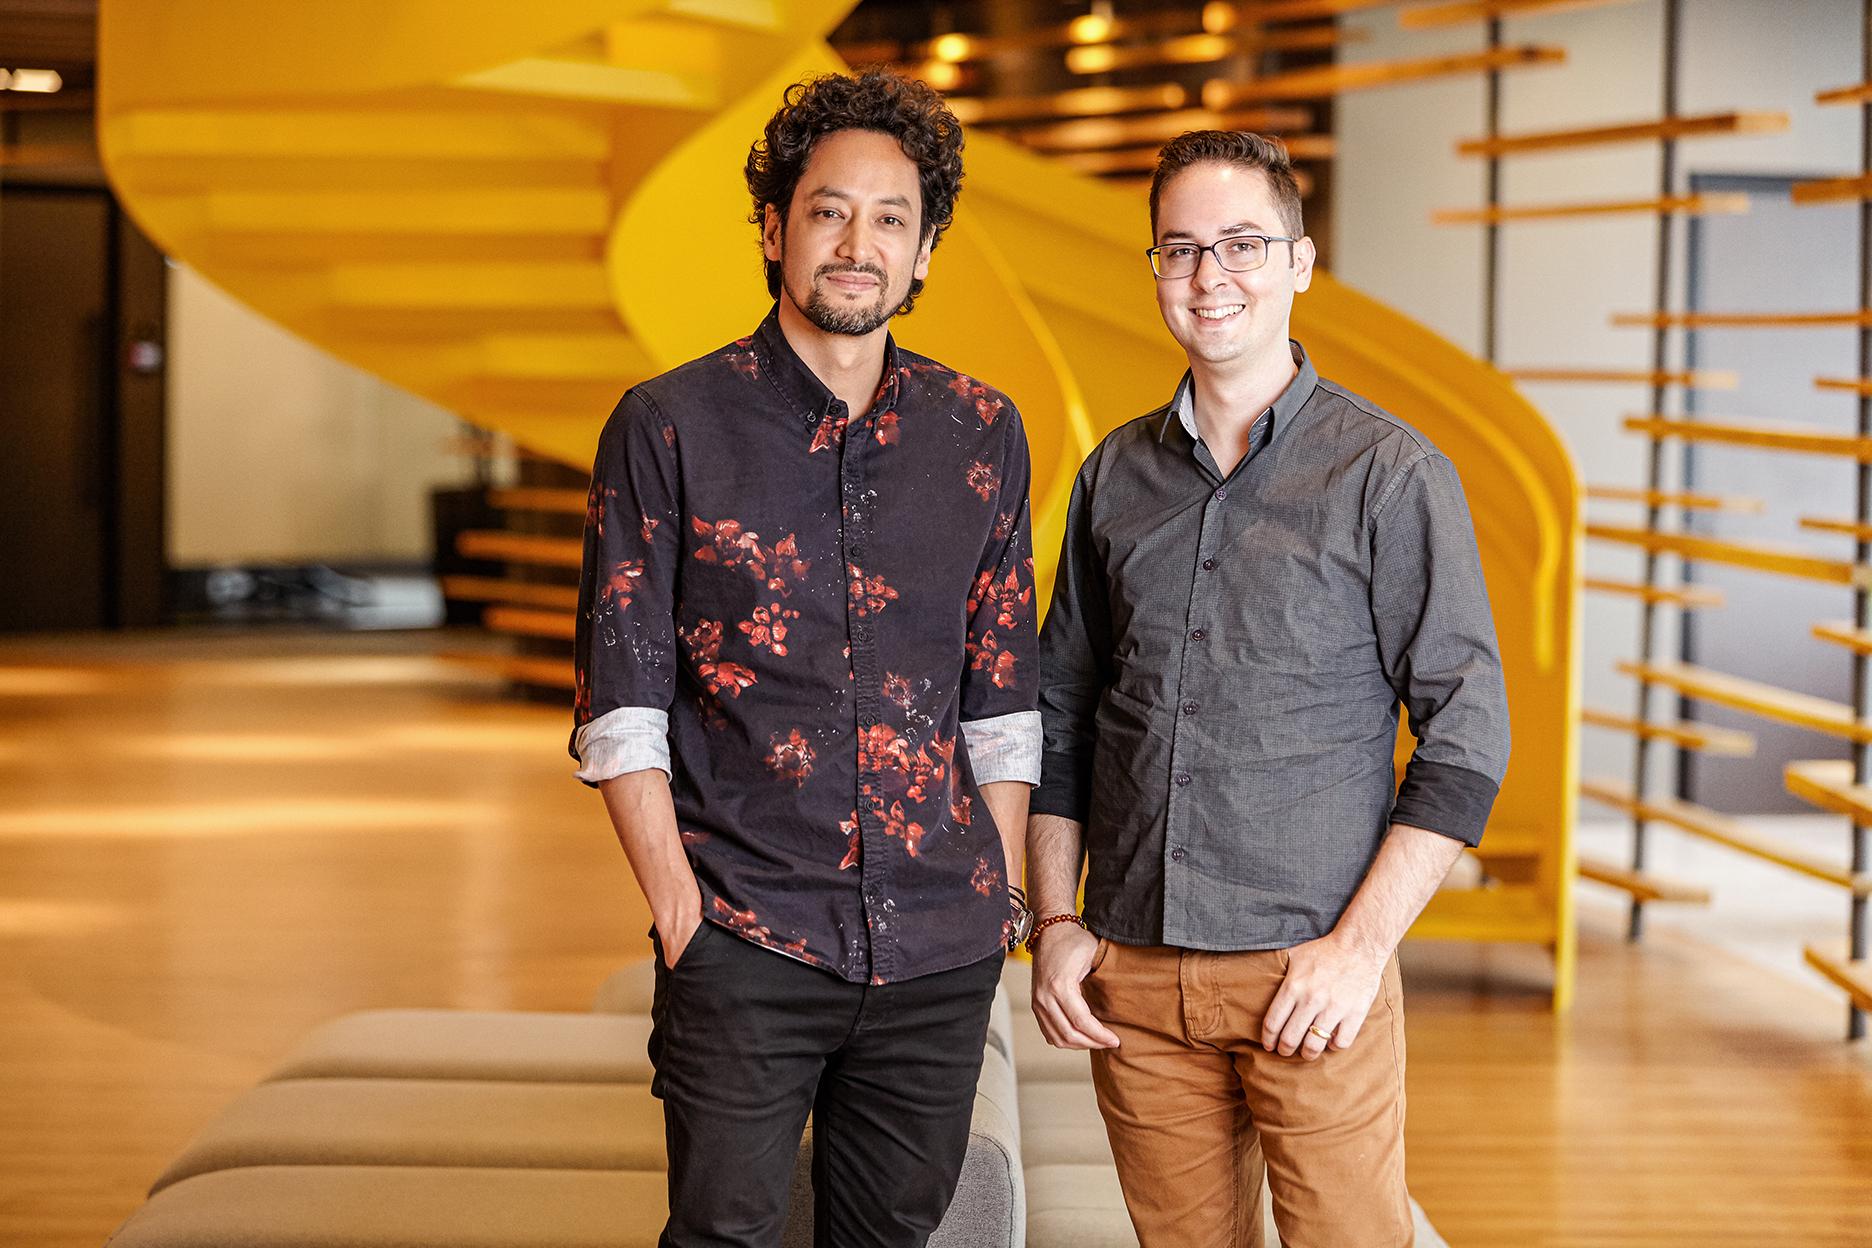 Kevin Zung ao lado esquerdo de Marcelo Soares na recepção da WMcCann.